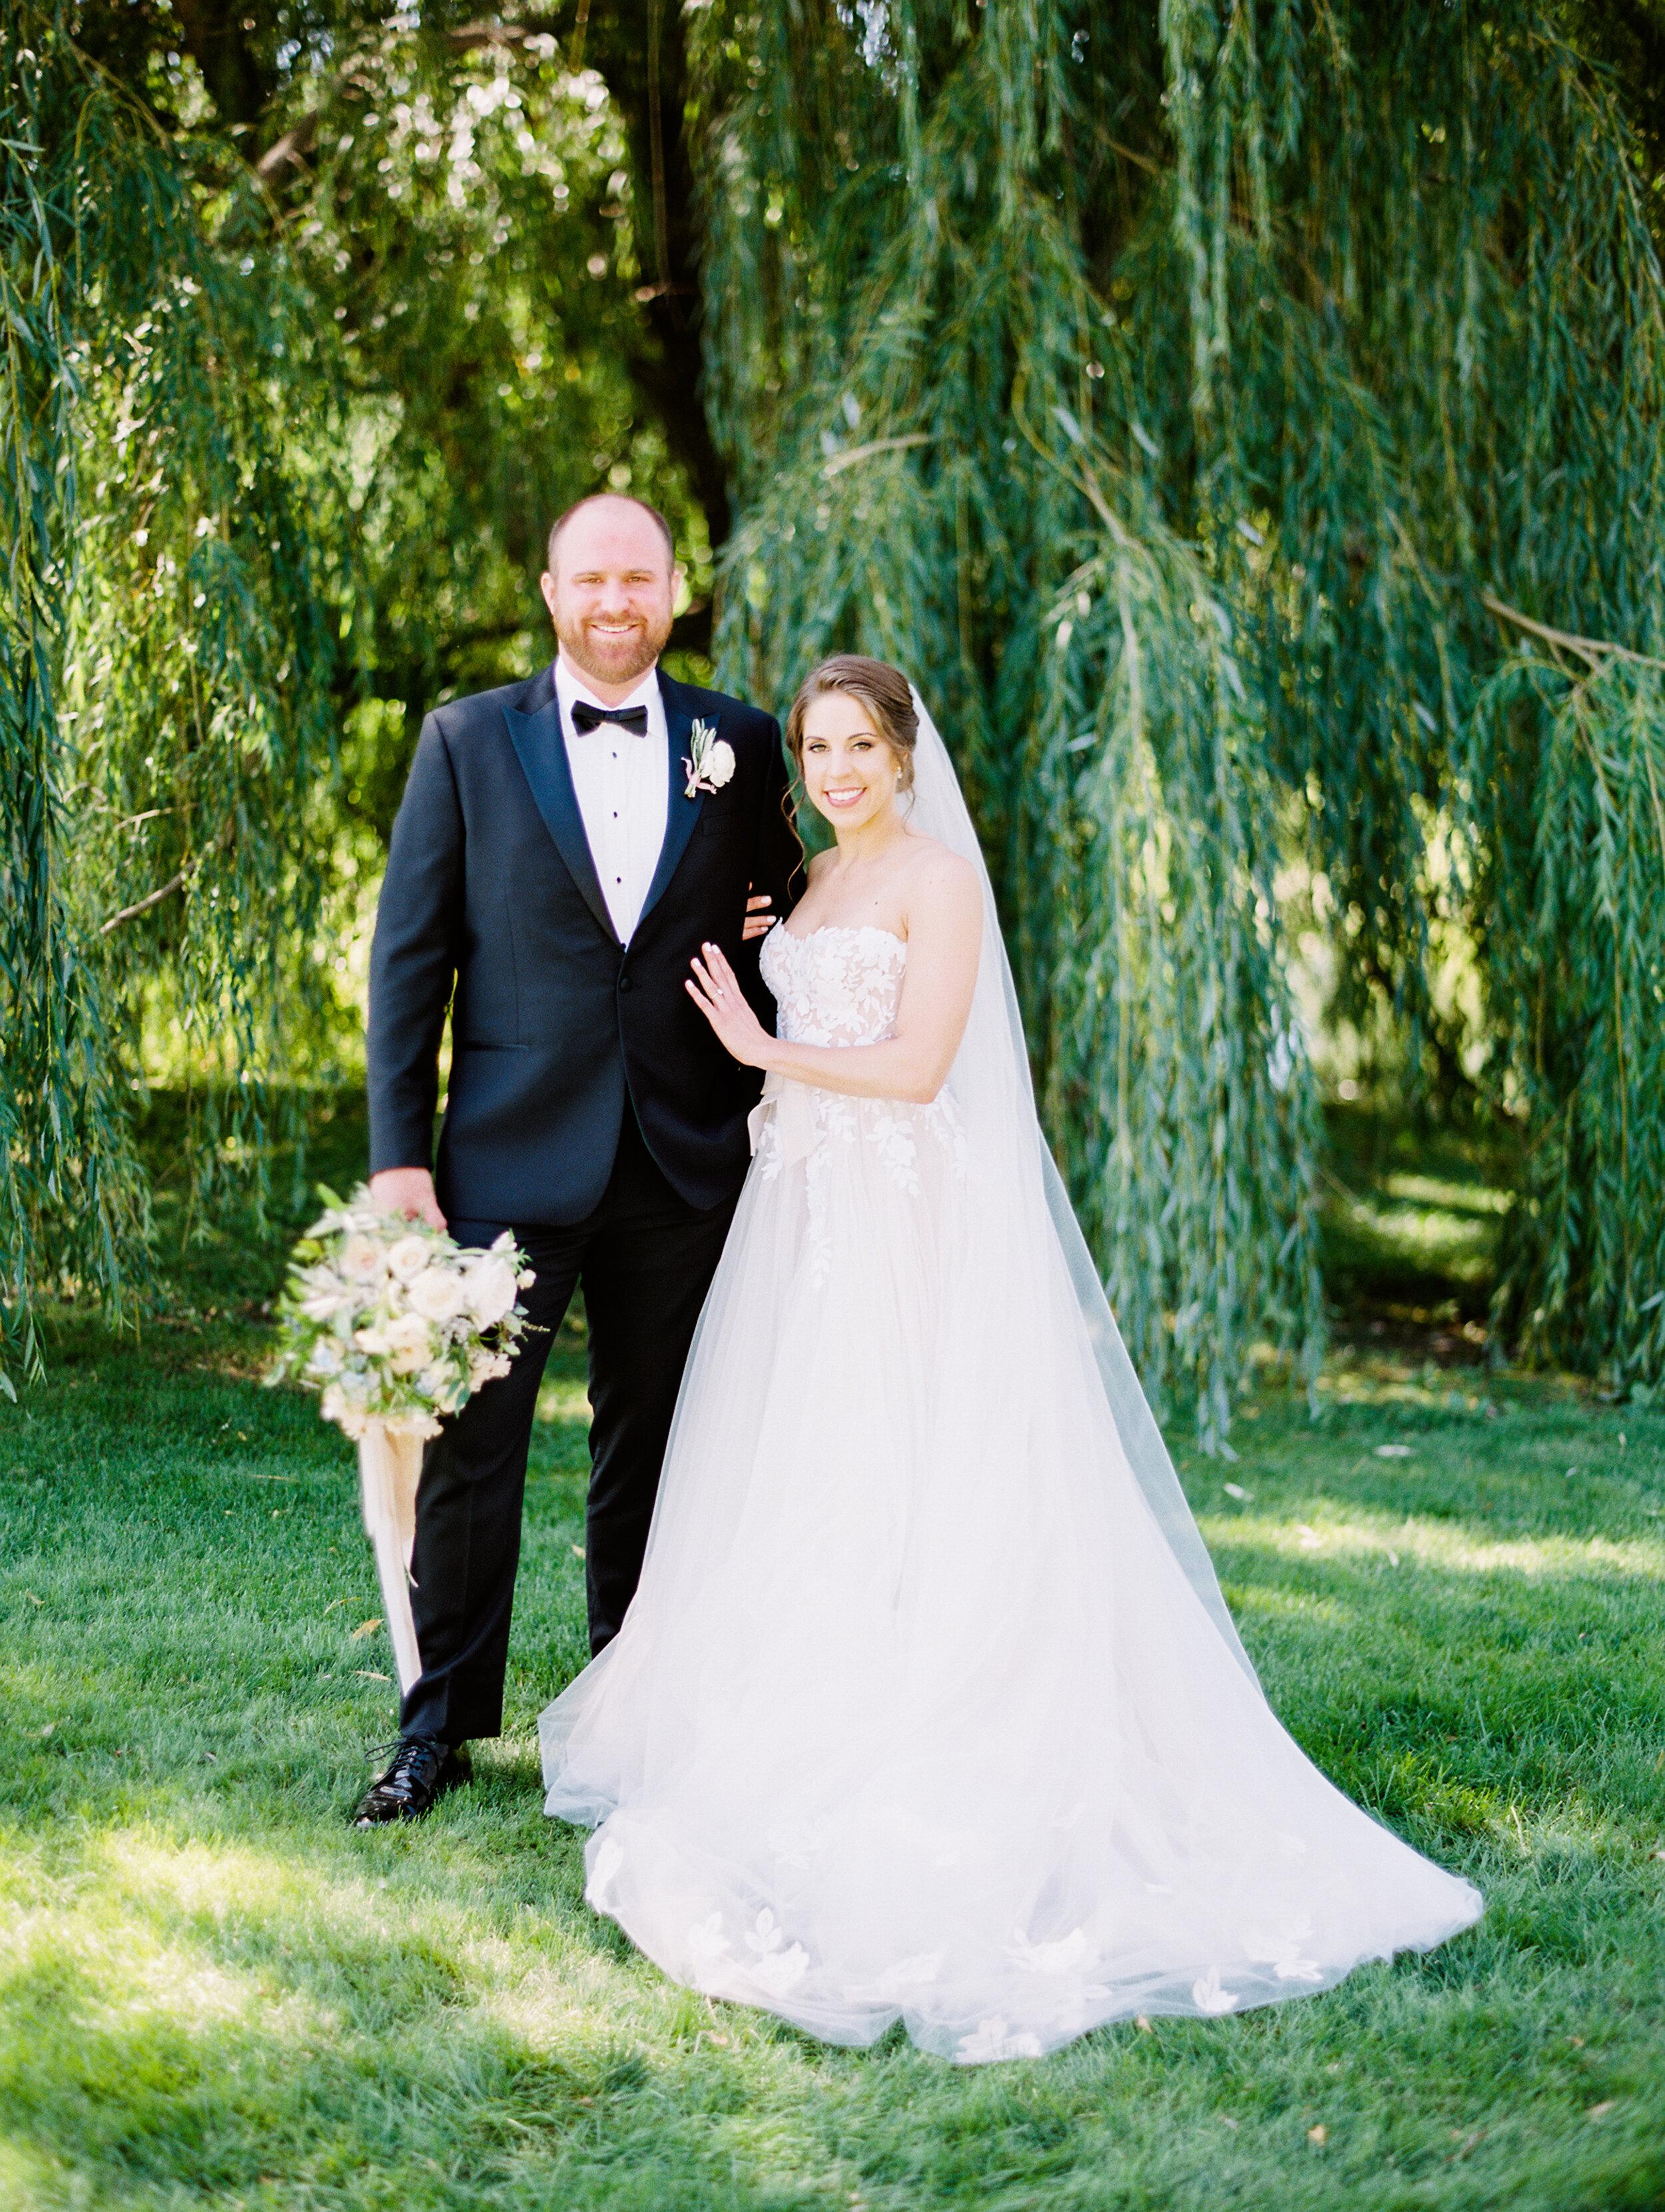 Steinlage+Wedding+First+Look-33.jpg